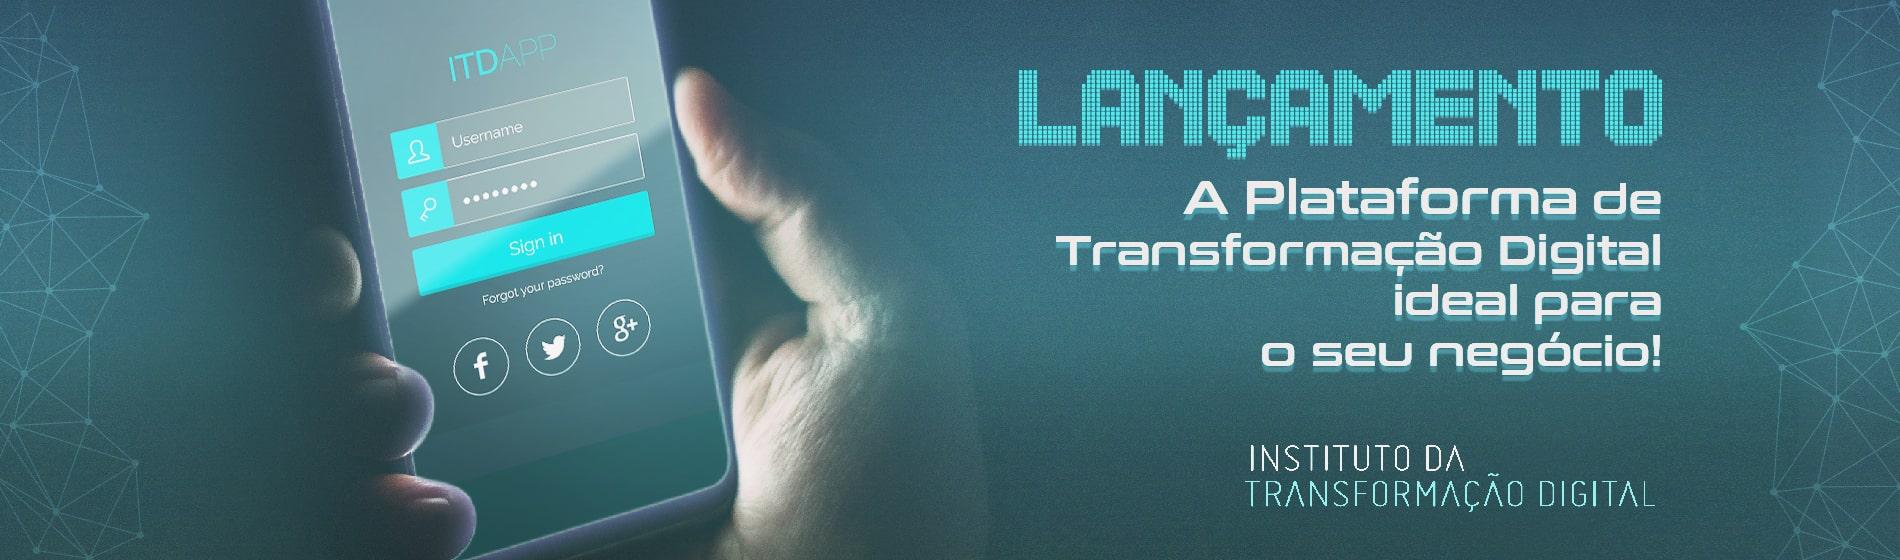 Plataforma de Transformação Digital